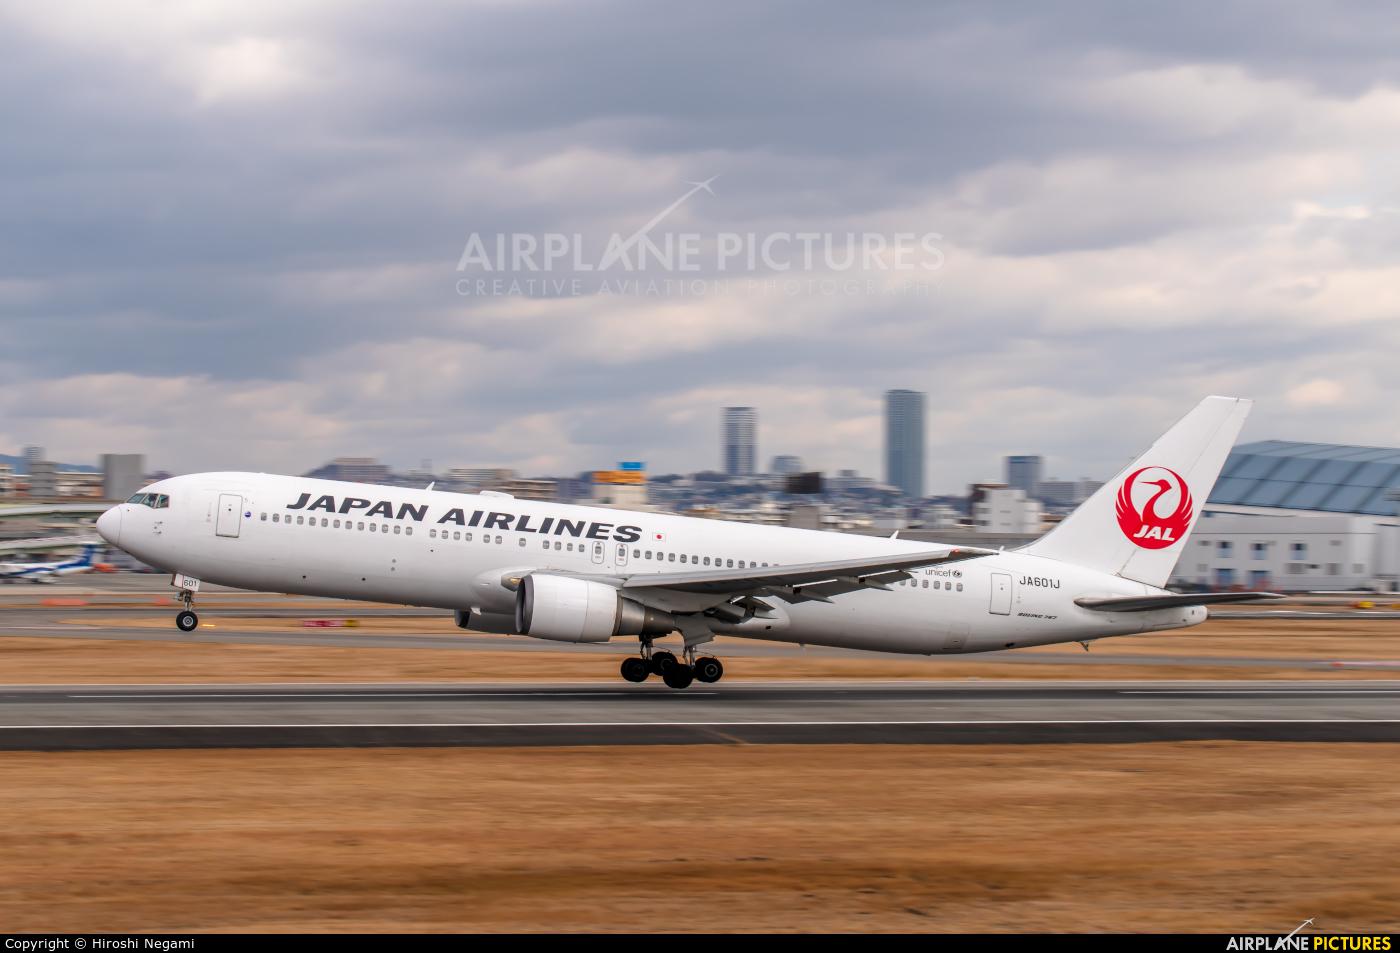 JAL - Japan Airlines JA601J aircraft at Osaka - Itami Intl